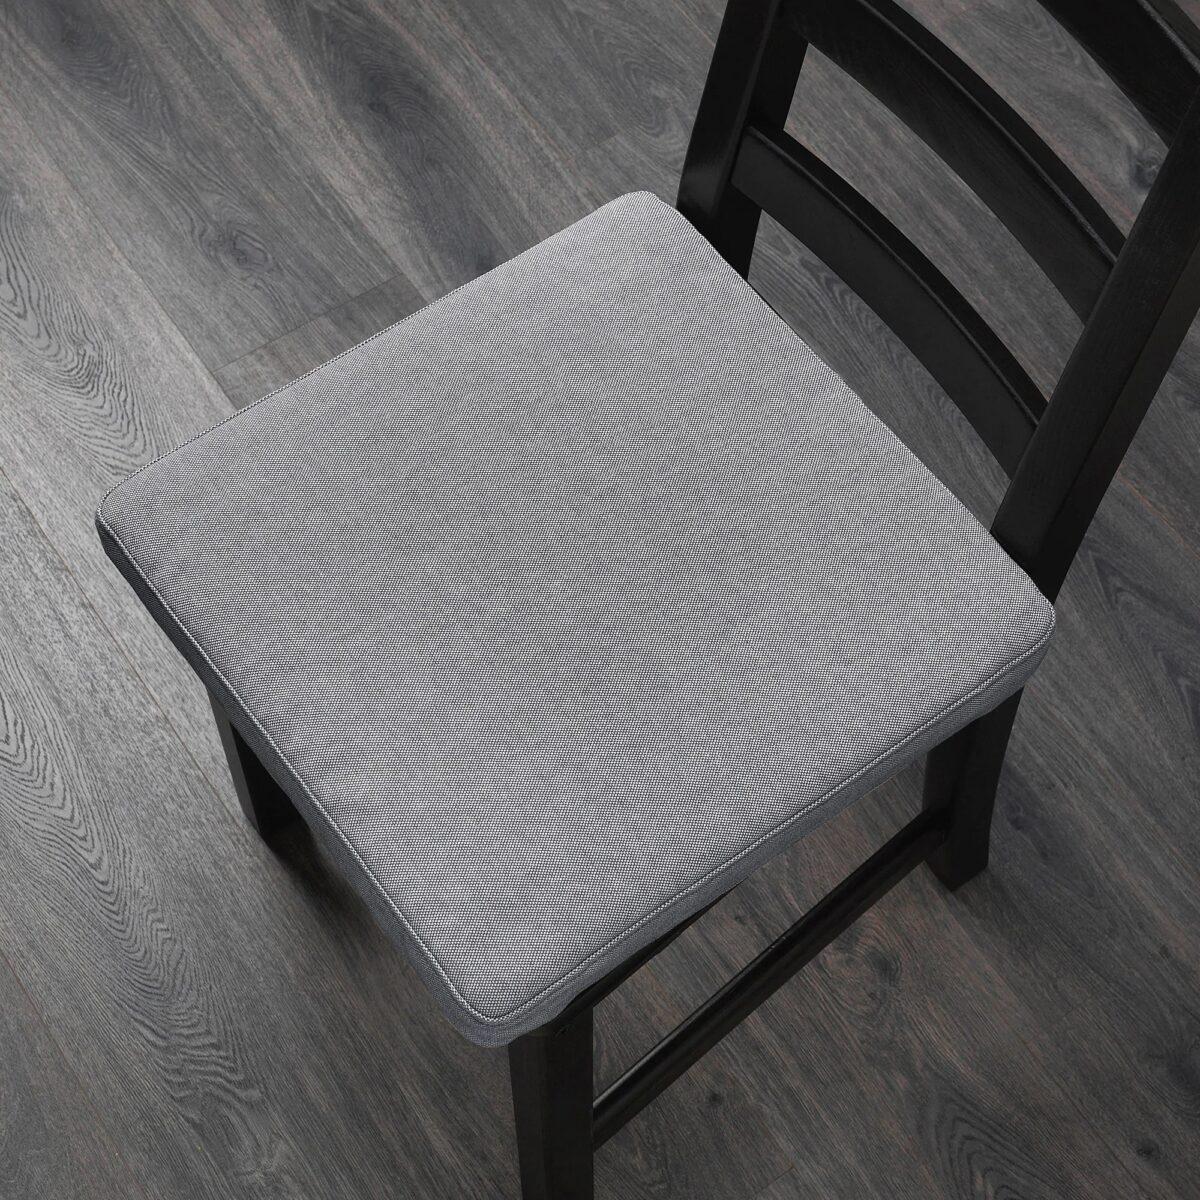 Cuscino per sedia fai da te: un tocco di calore in casa